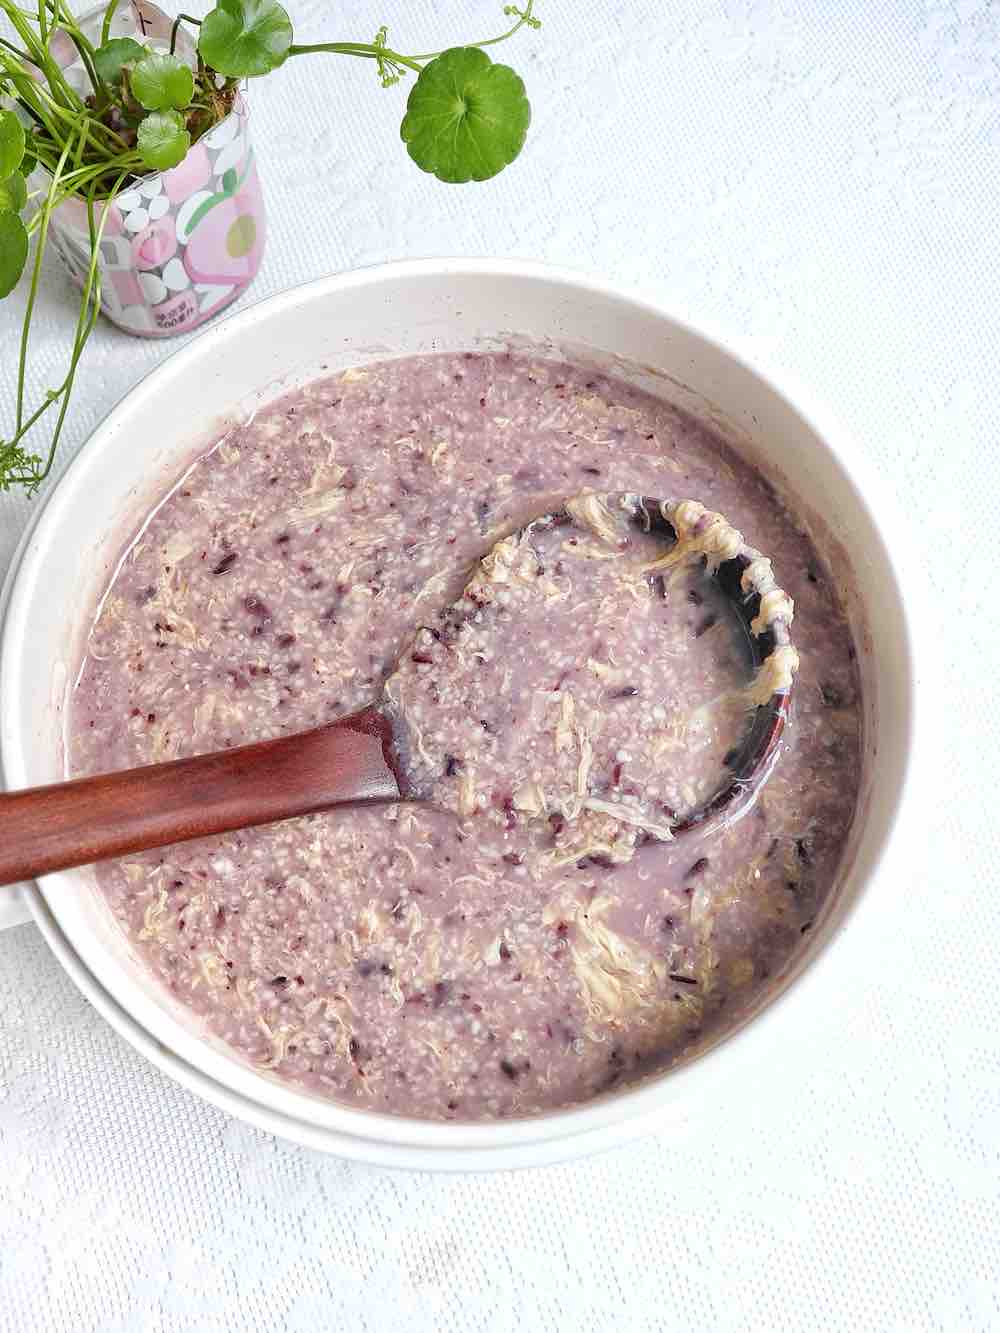 燕麦麸酒酿鸡蛋汤的做法